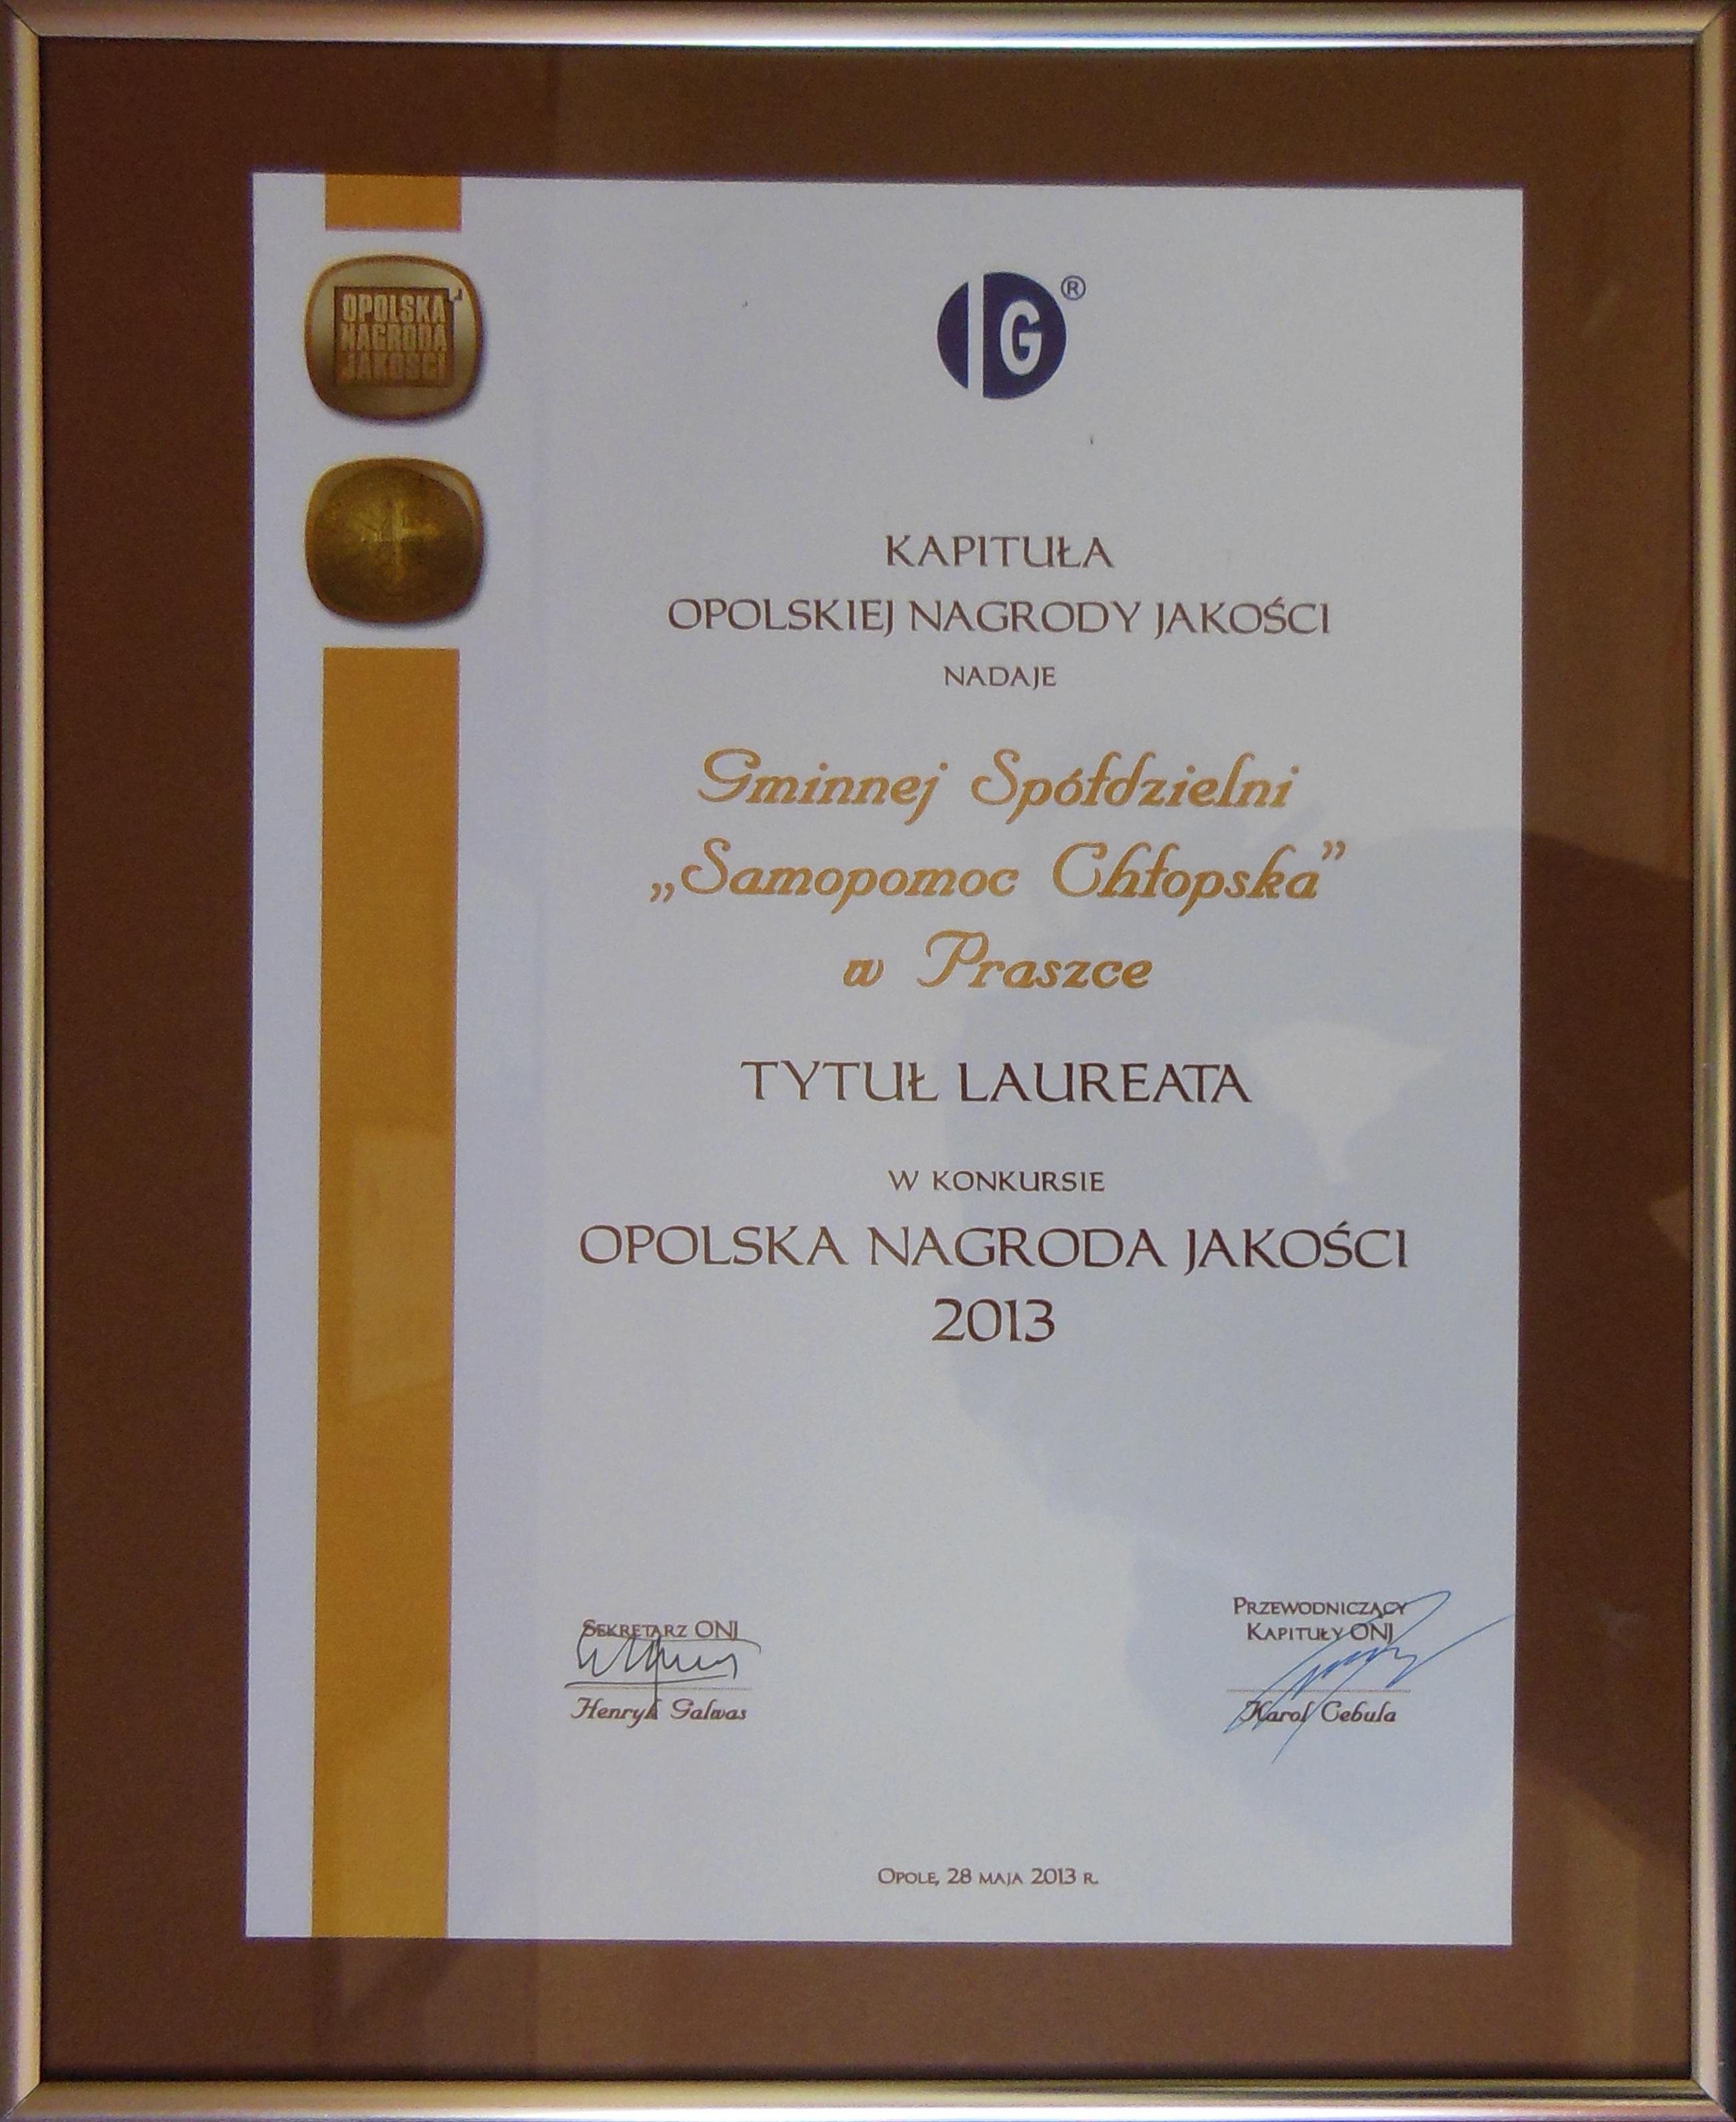 GS - Praszka Nagrody